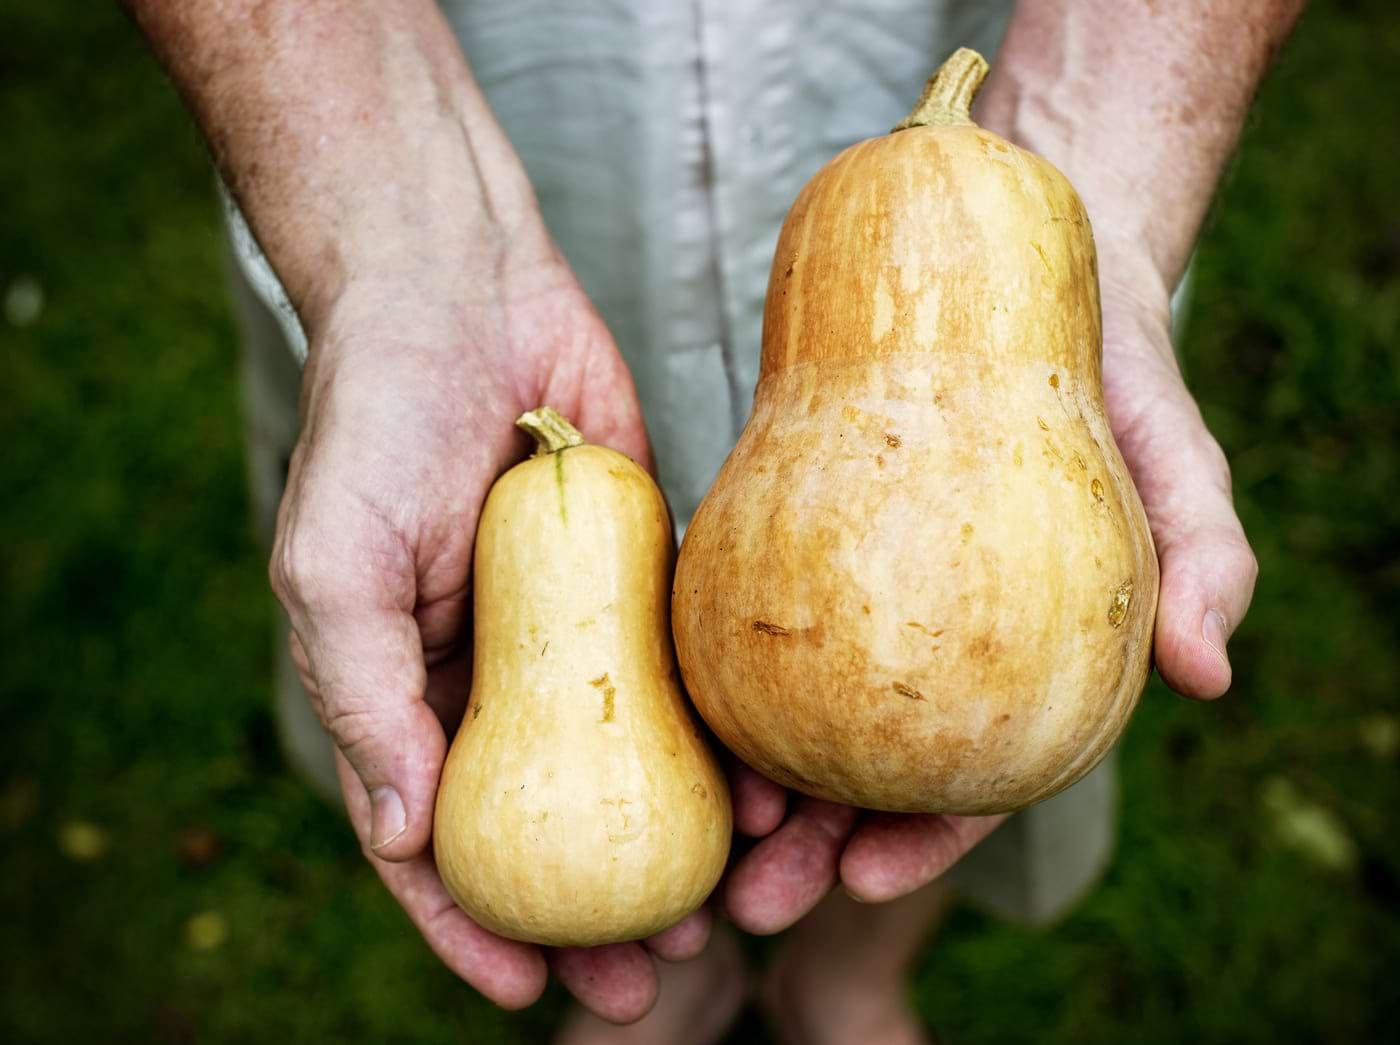 Alimente care conțin mai mult potasiu decât bananele